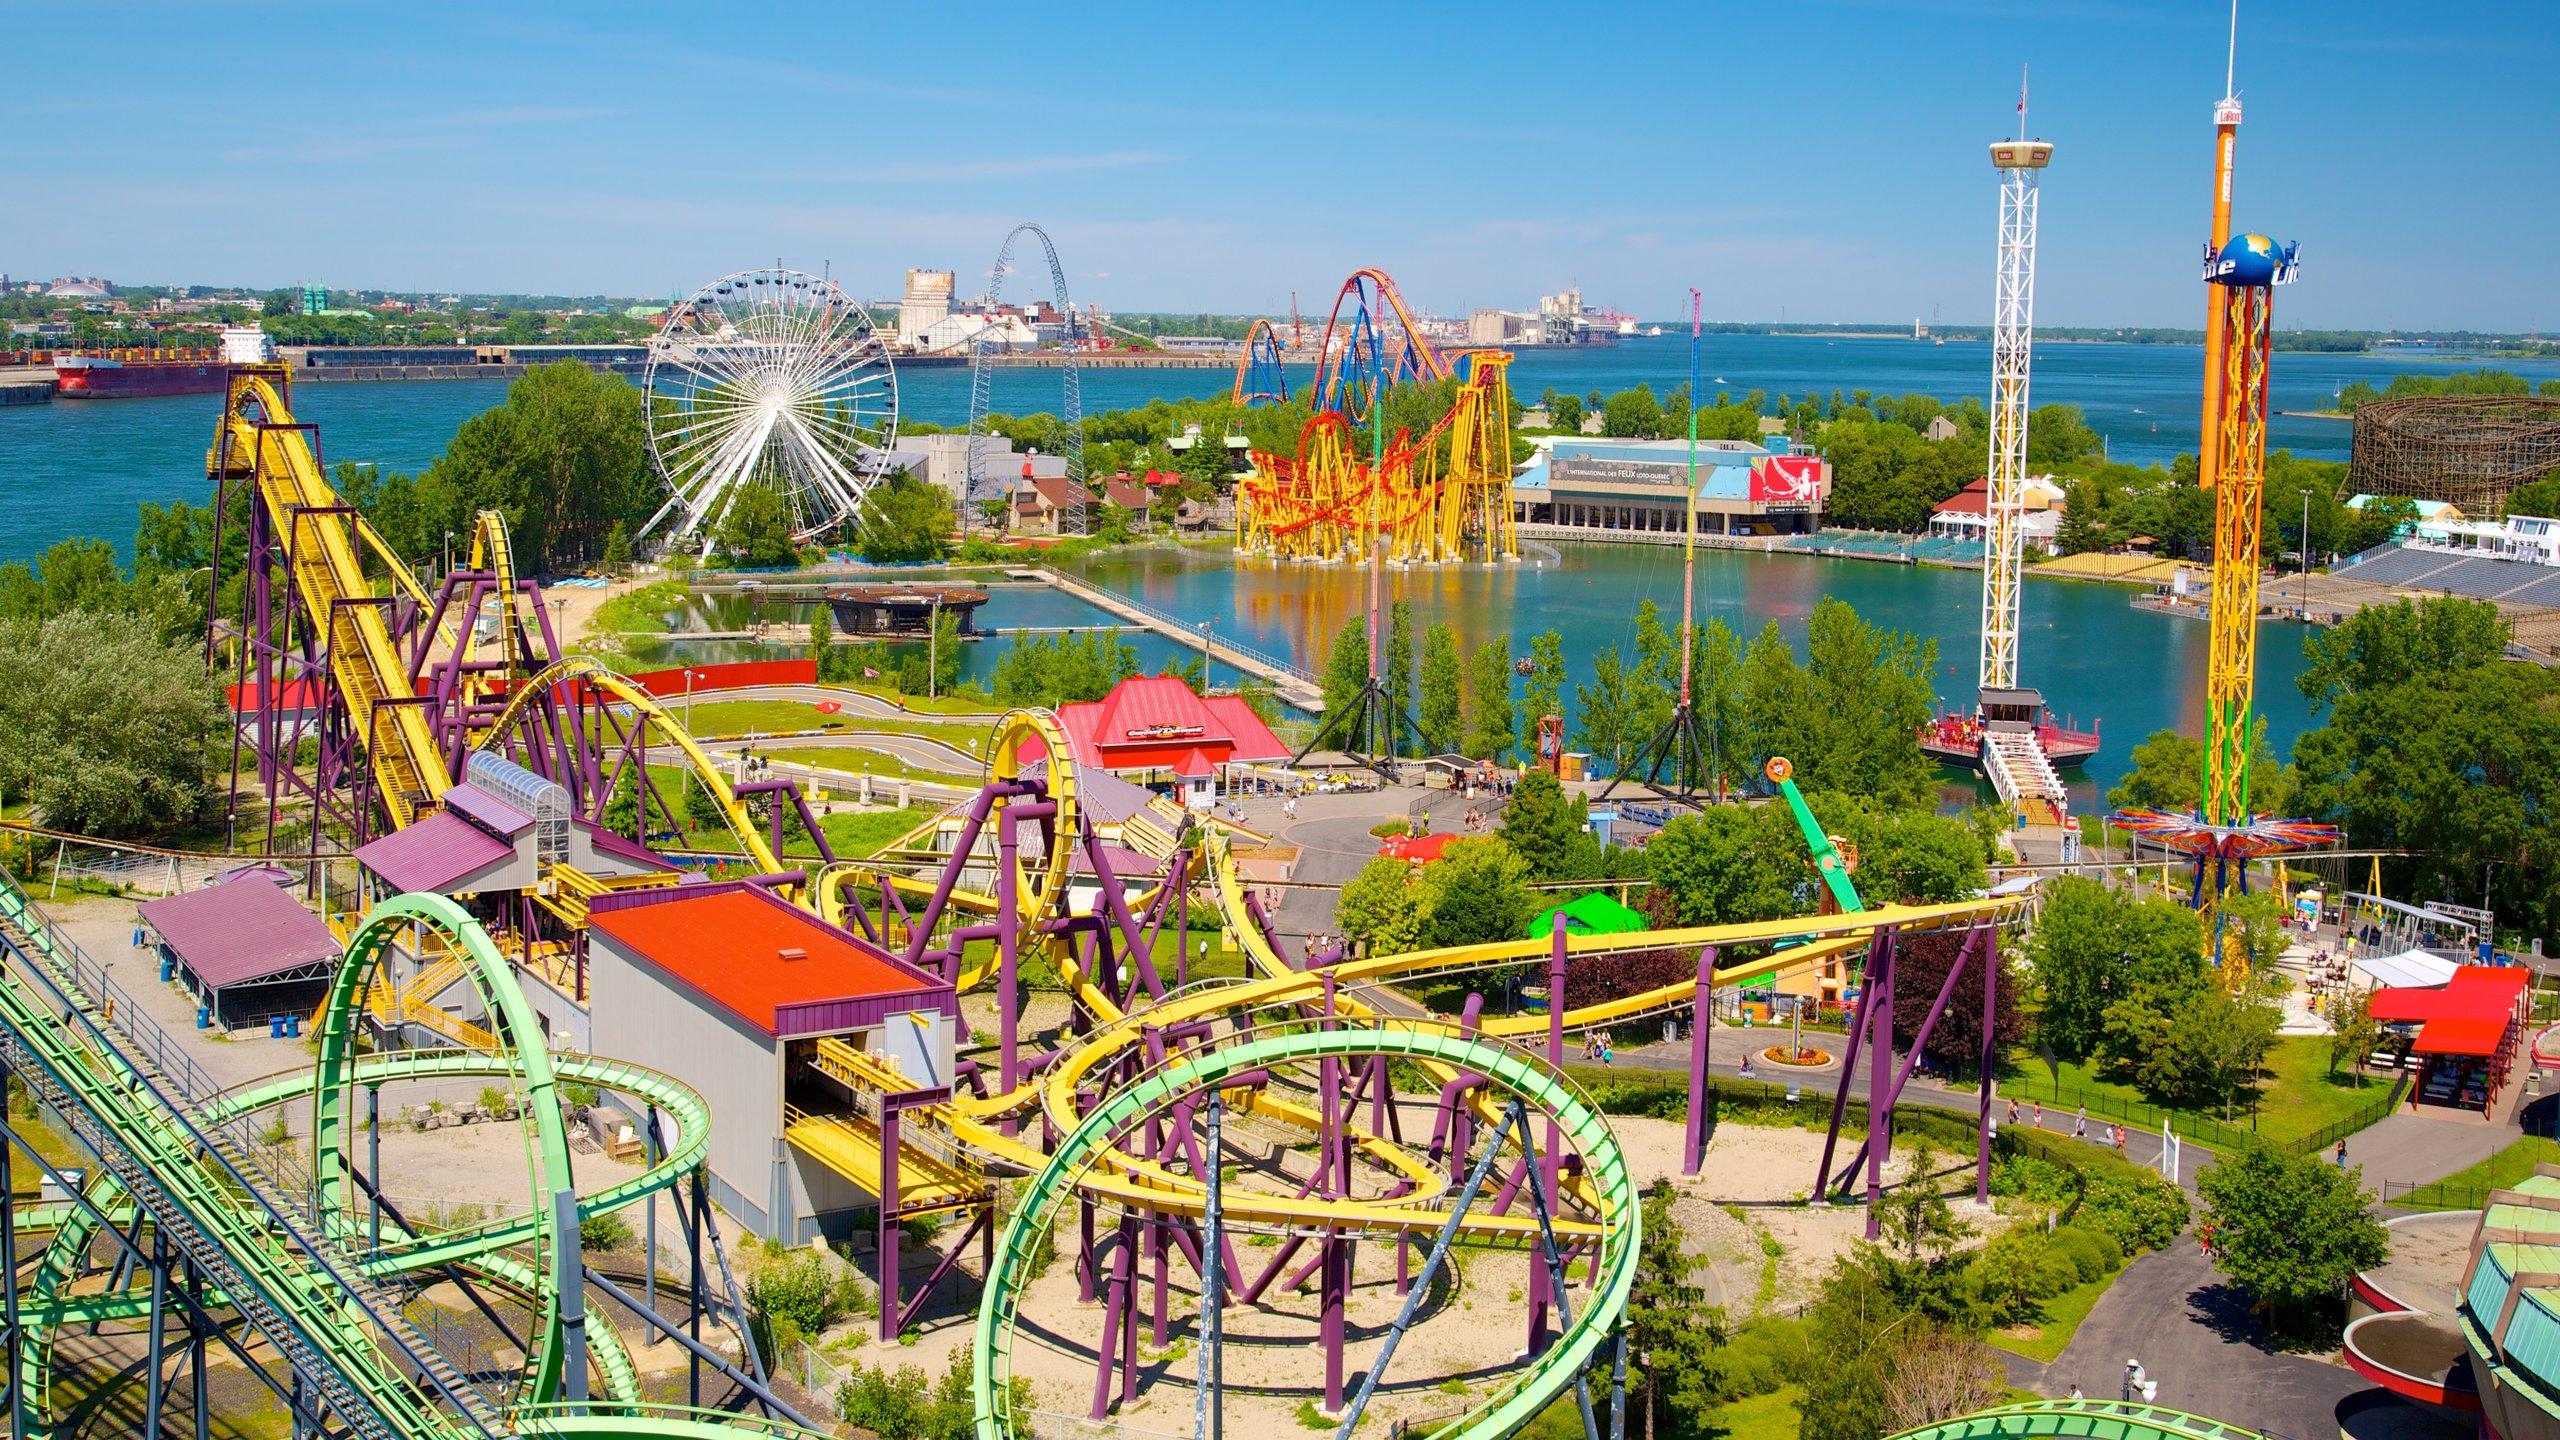 La Ronde Six Flags Theme Park